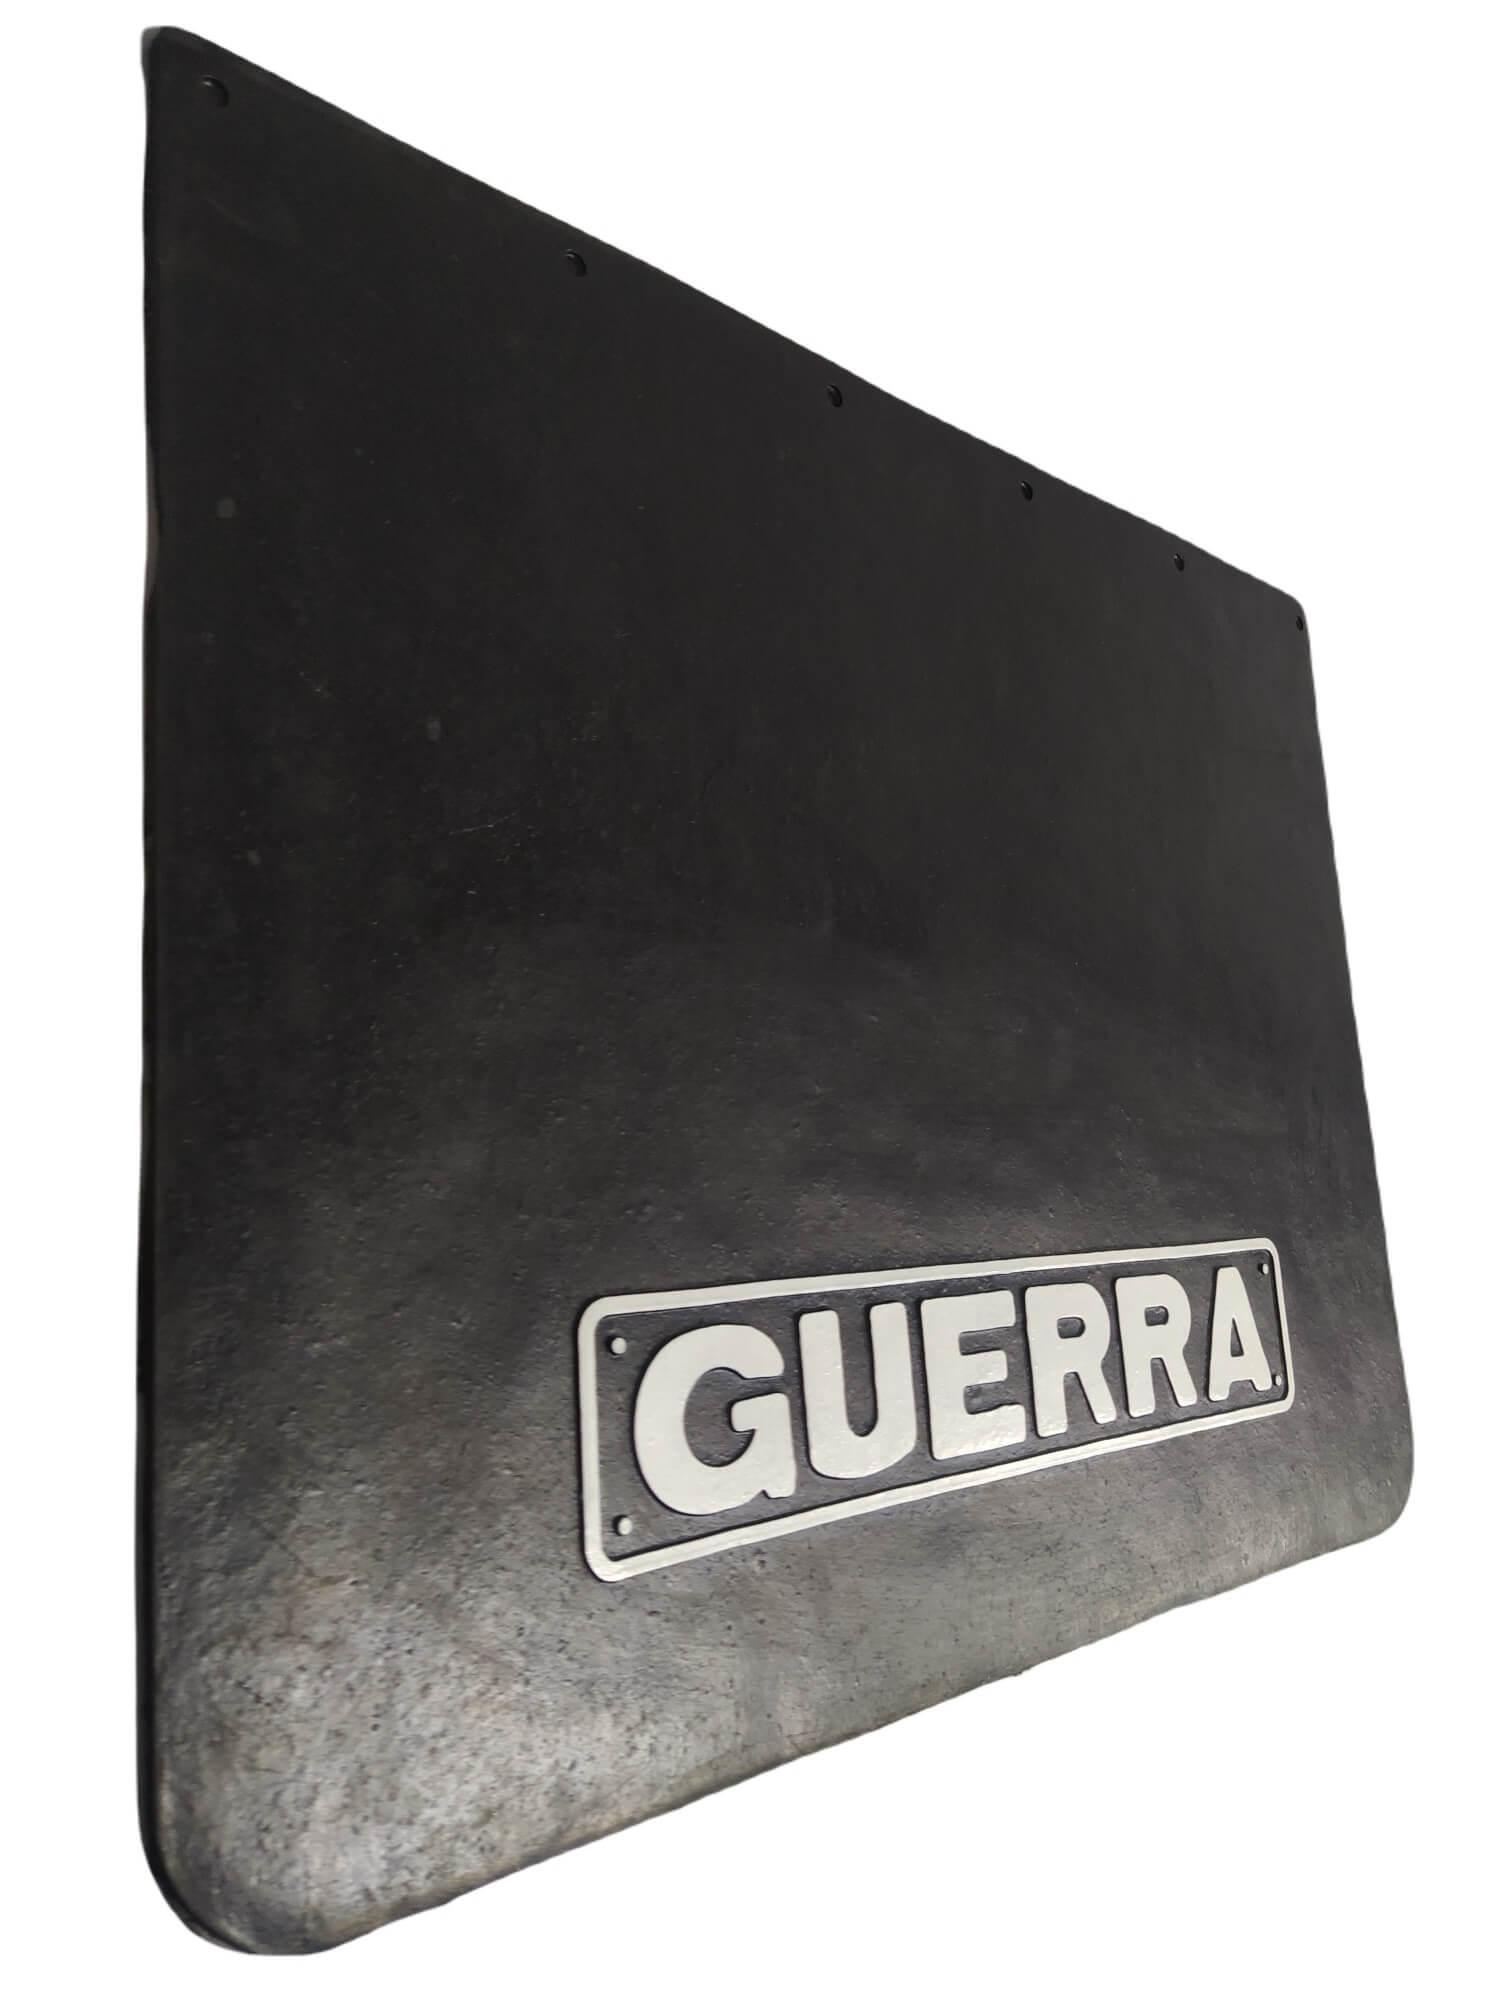 2 Parabarro Borracha Carreta Guerra 53 X 69 Cm Lameiro Preto e Branco